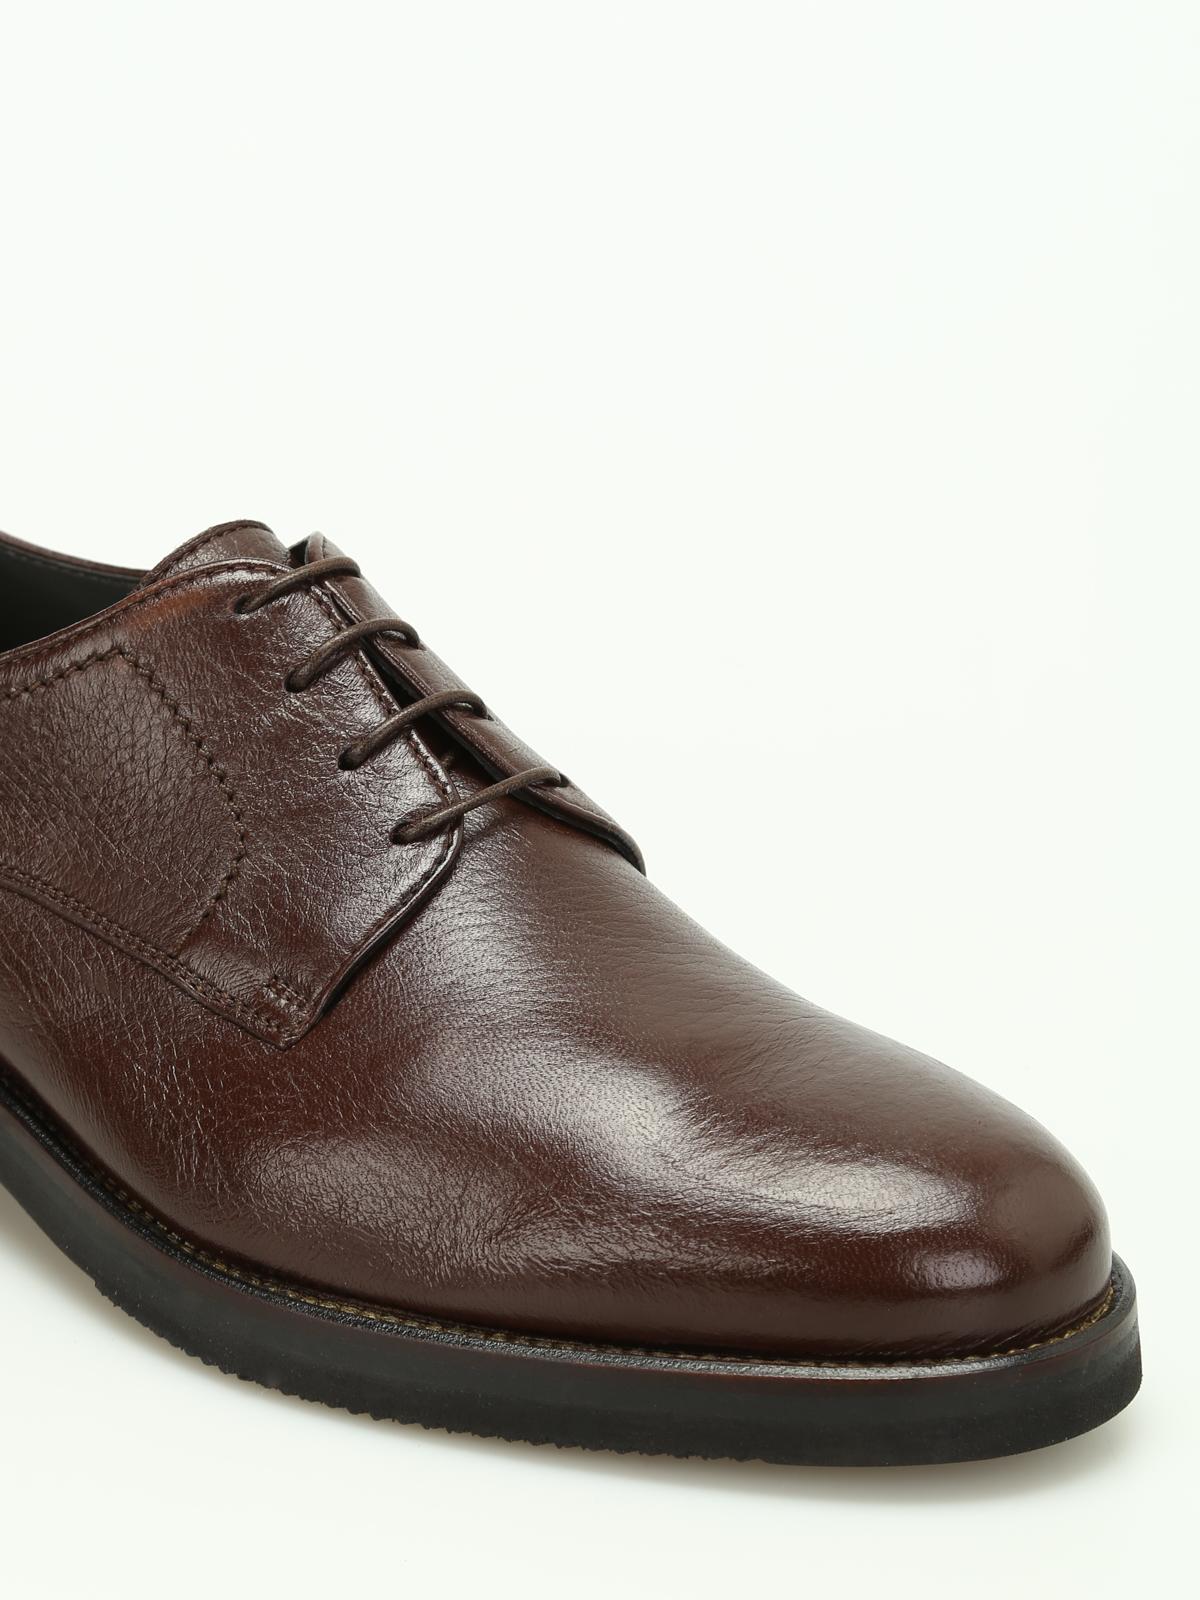 separation shoes 11770 918da Moreschi - Stringate Derby in pelle di cervo - scarpe ...